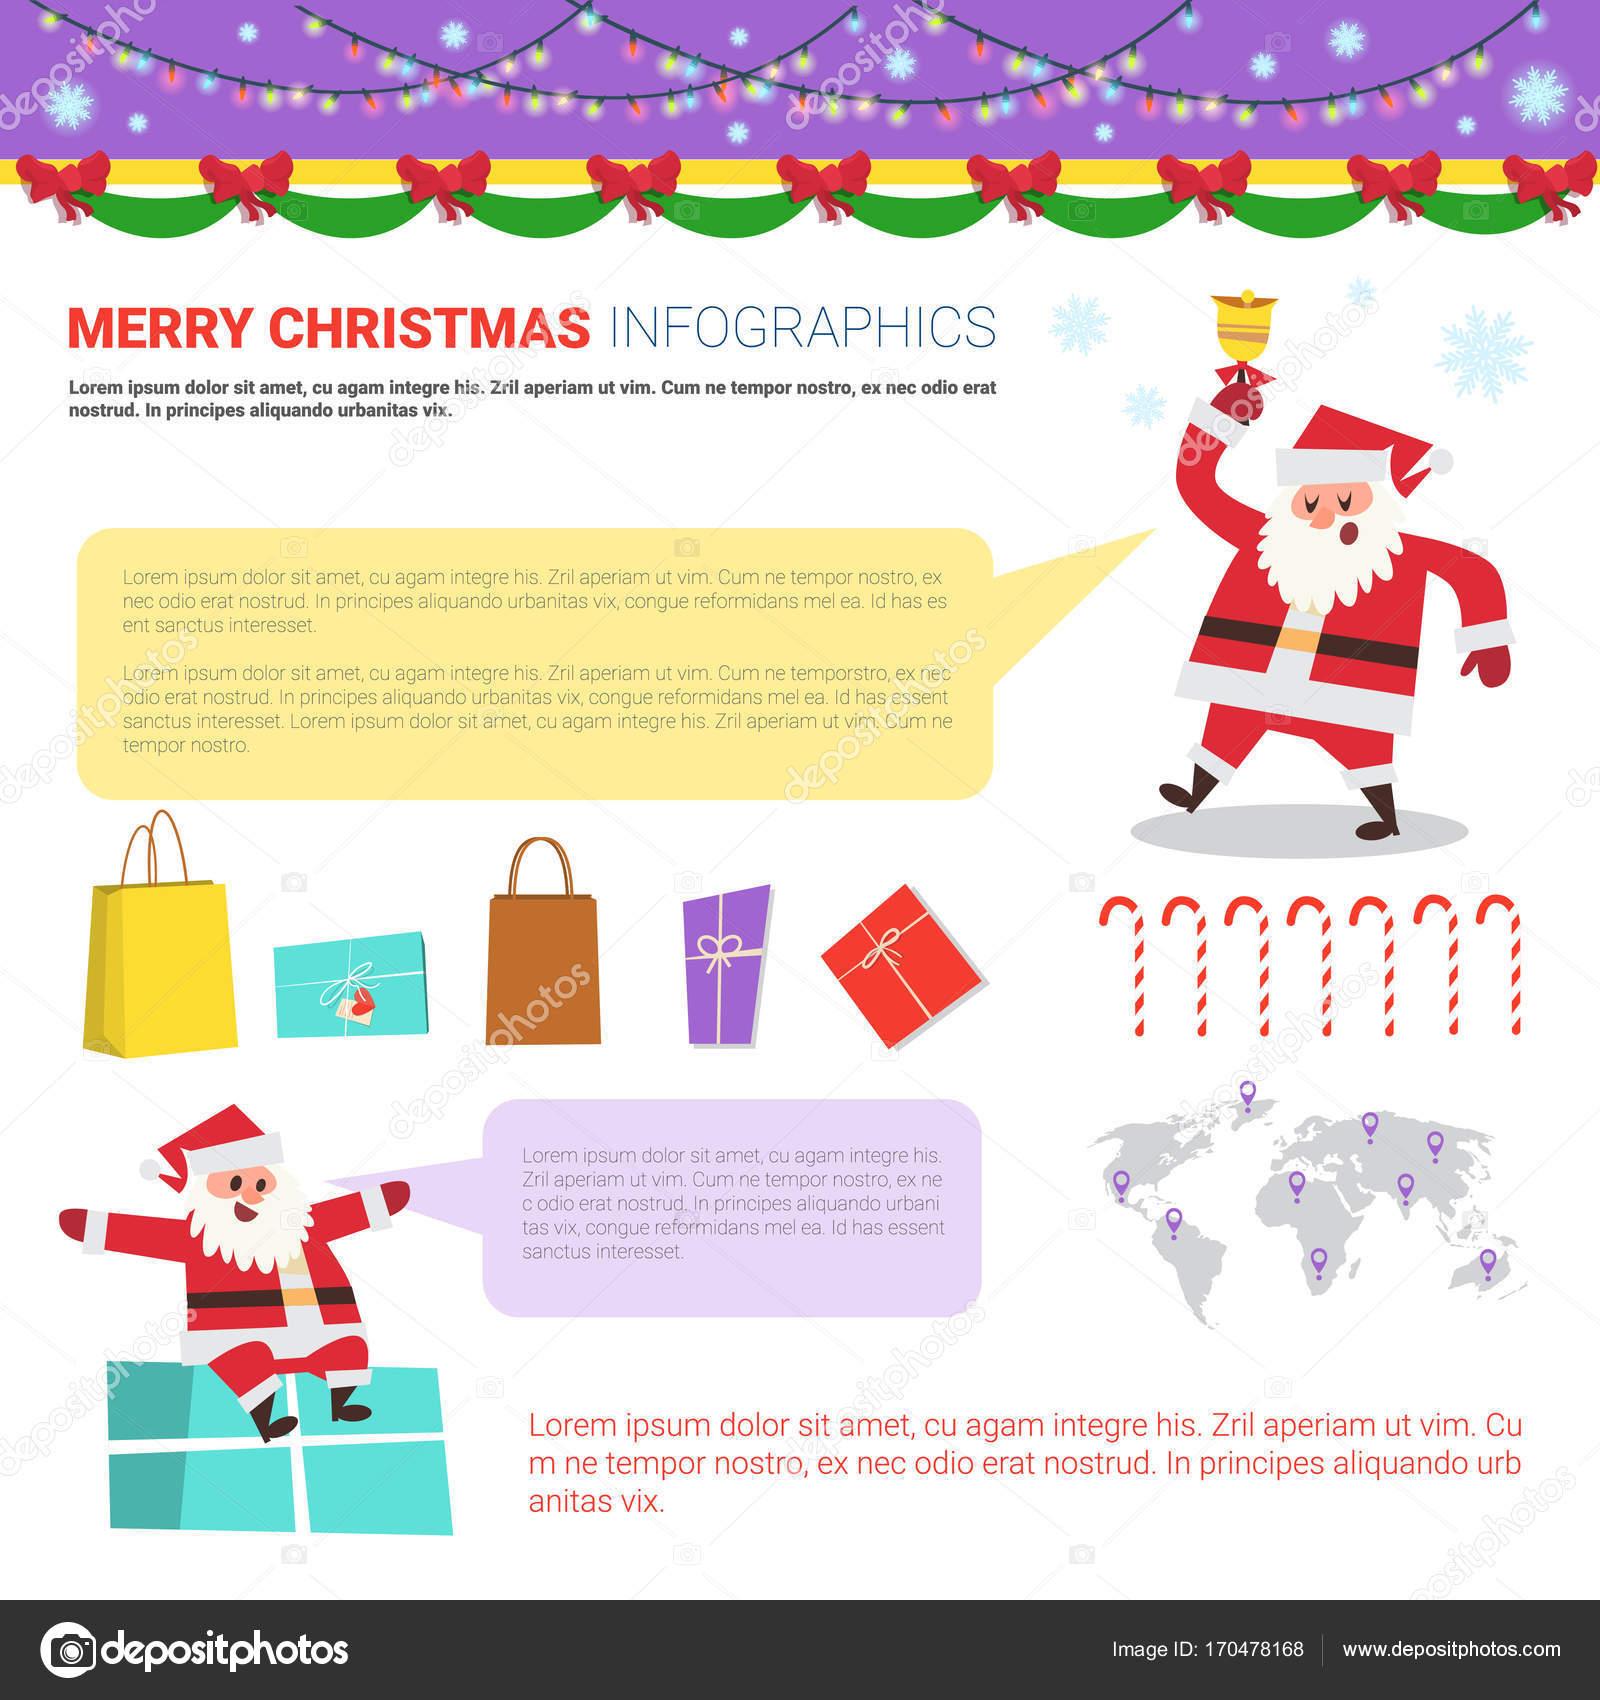 Buon Natale Del C Testo.Insieme Di Elementi Di Infographic Di Buon Natale Modelli Con